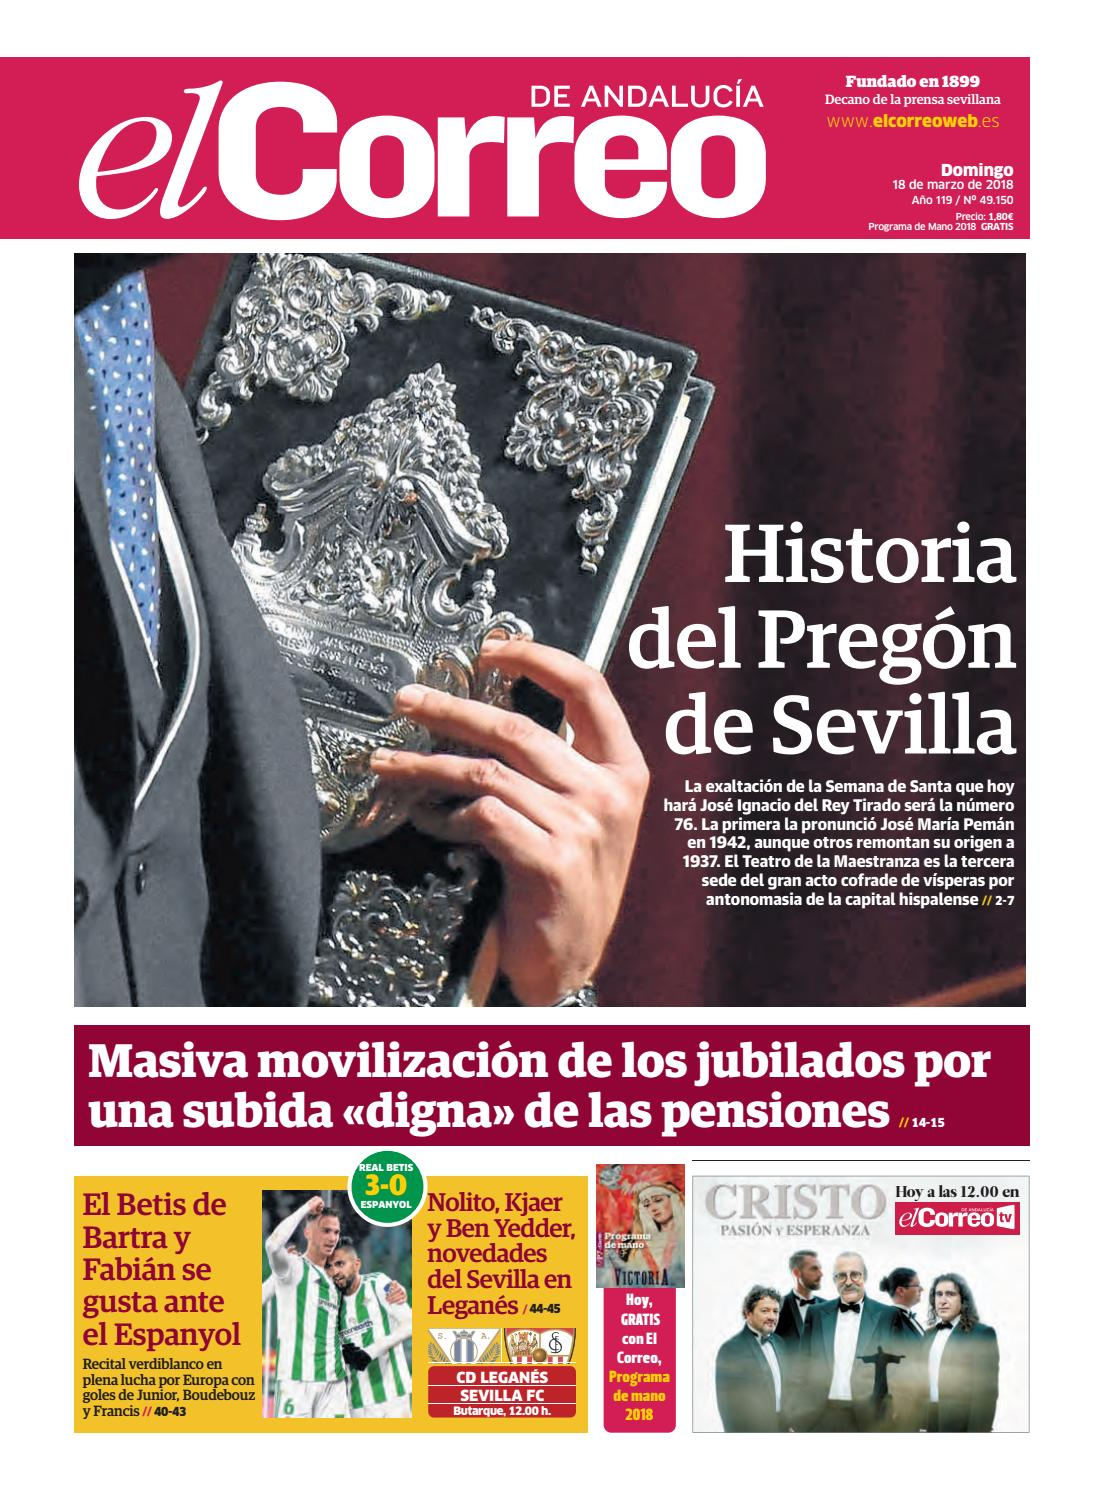 18.03.2018 El Correo de Andalucía by EL CORREO DE ANDALUCÍA S.L. - issuu 0f5d77b450225